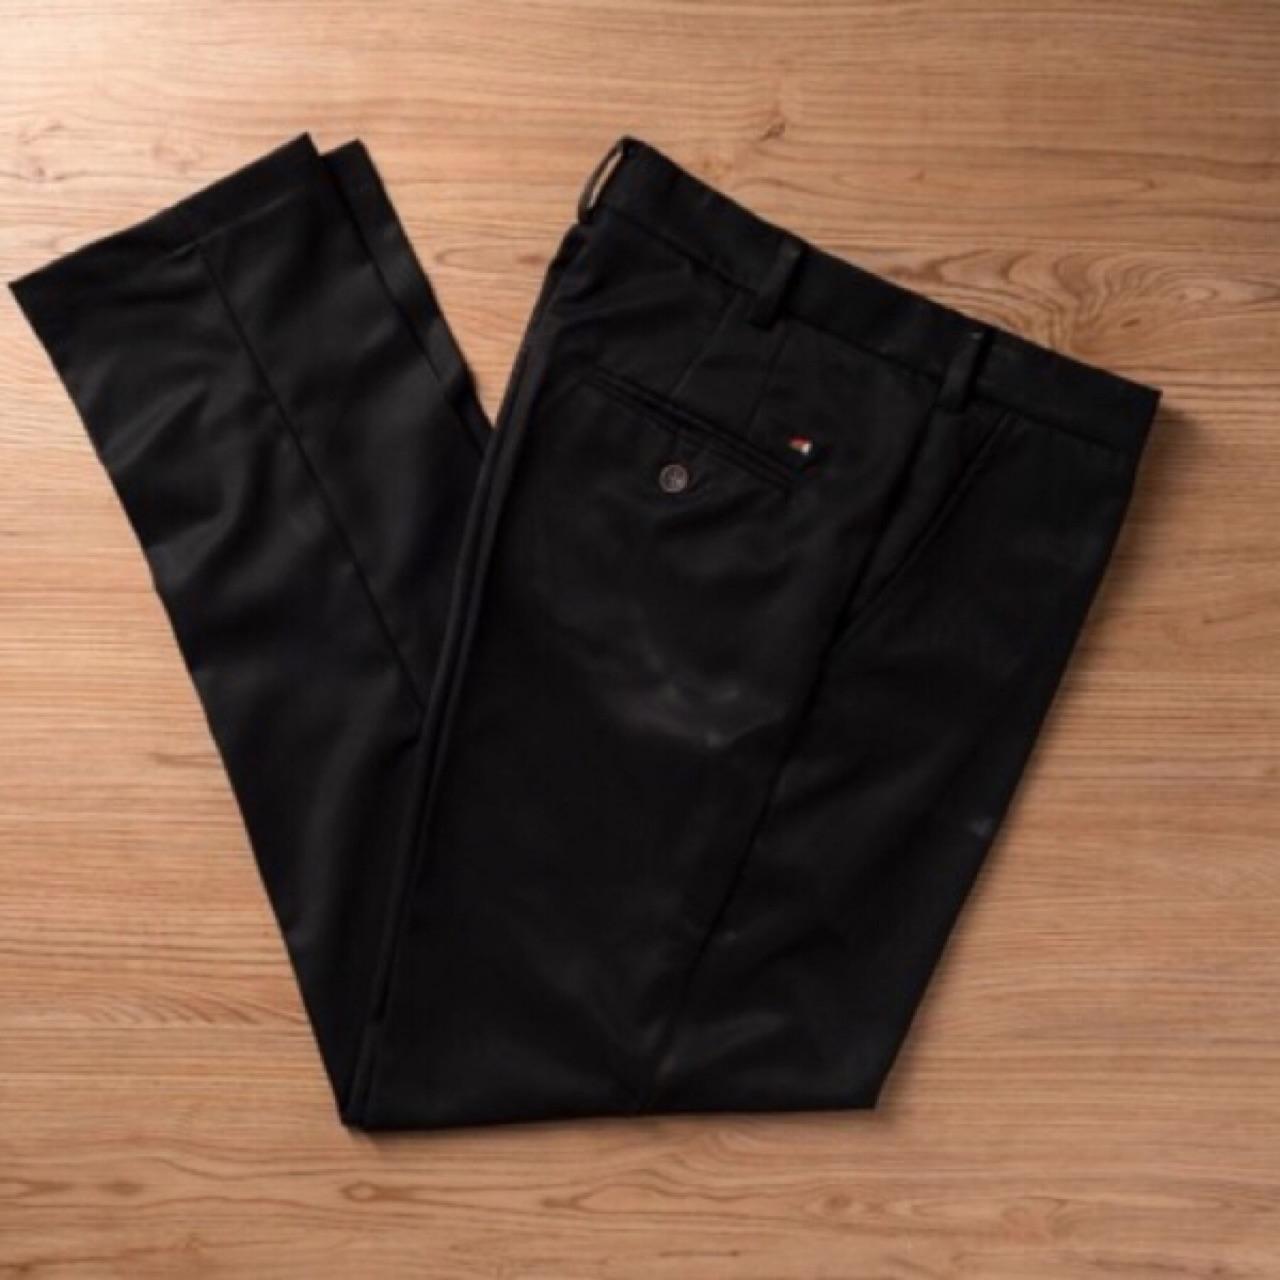 SLOPEMenswear,men,ผู้ชาย,กางเกงขาย,กางเกงทำงาน,กางเกสแล็ค,trousers